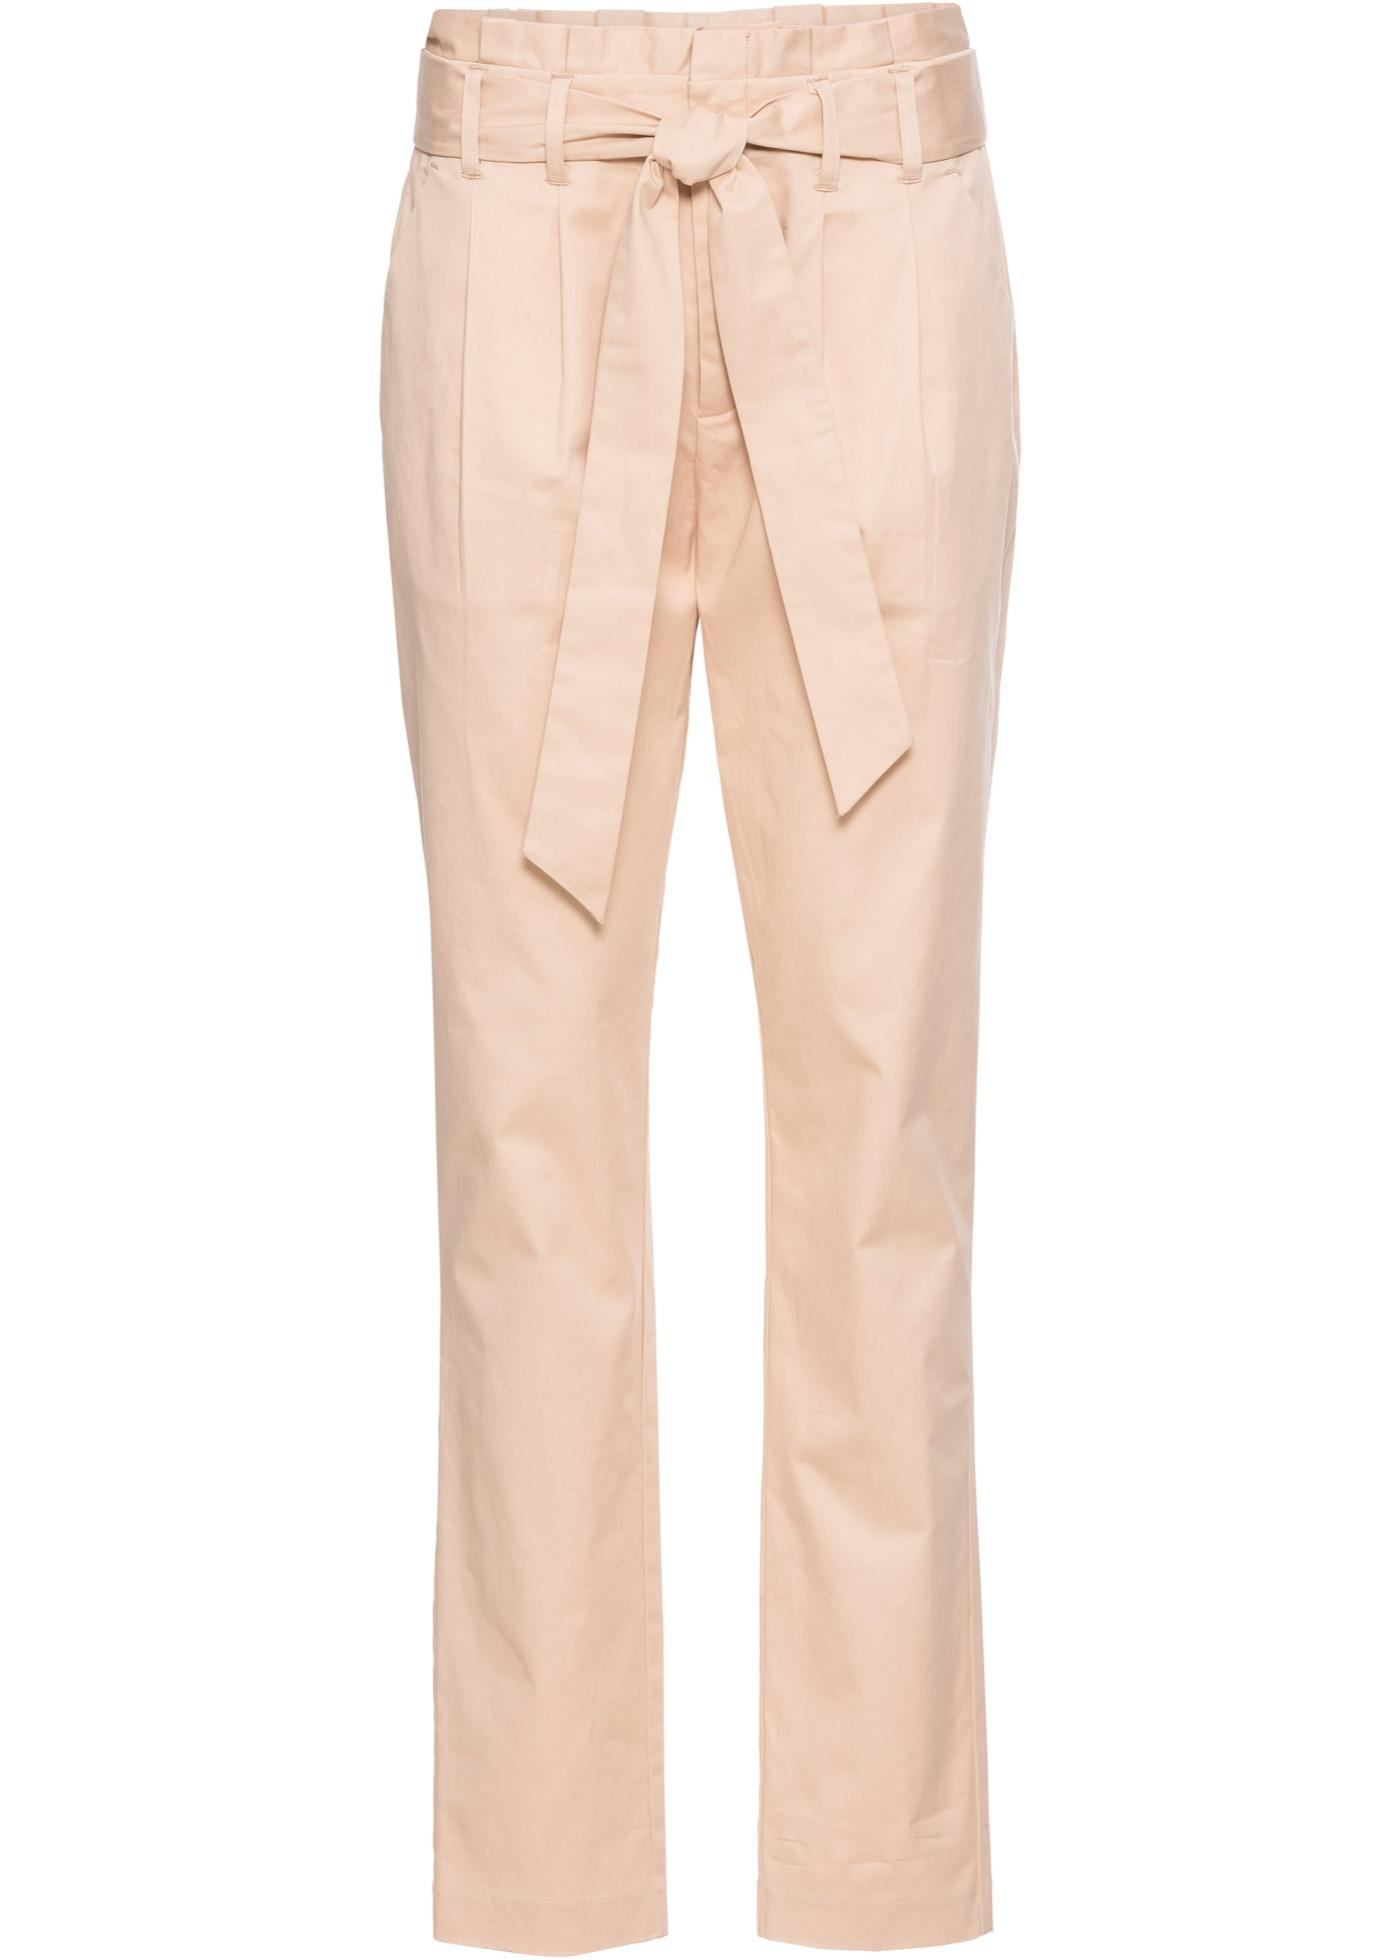 Paperbag kalhoty - Béžová